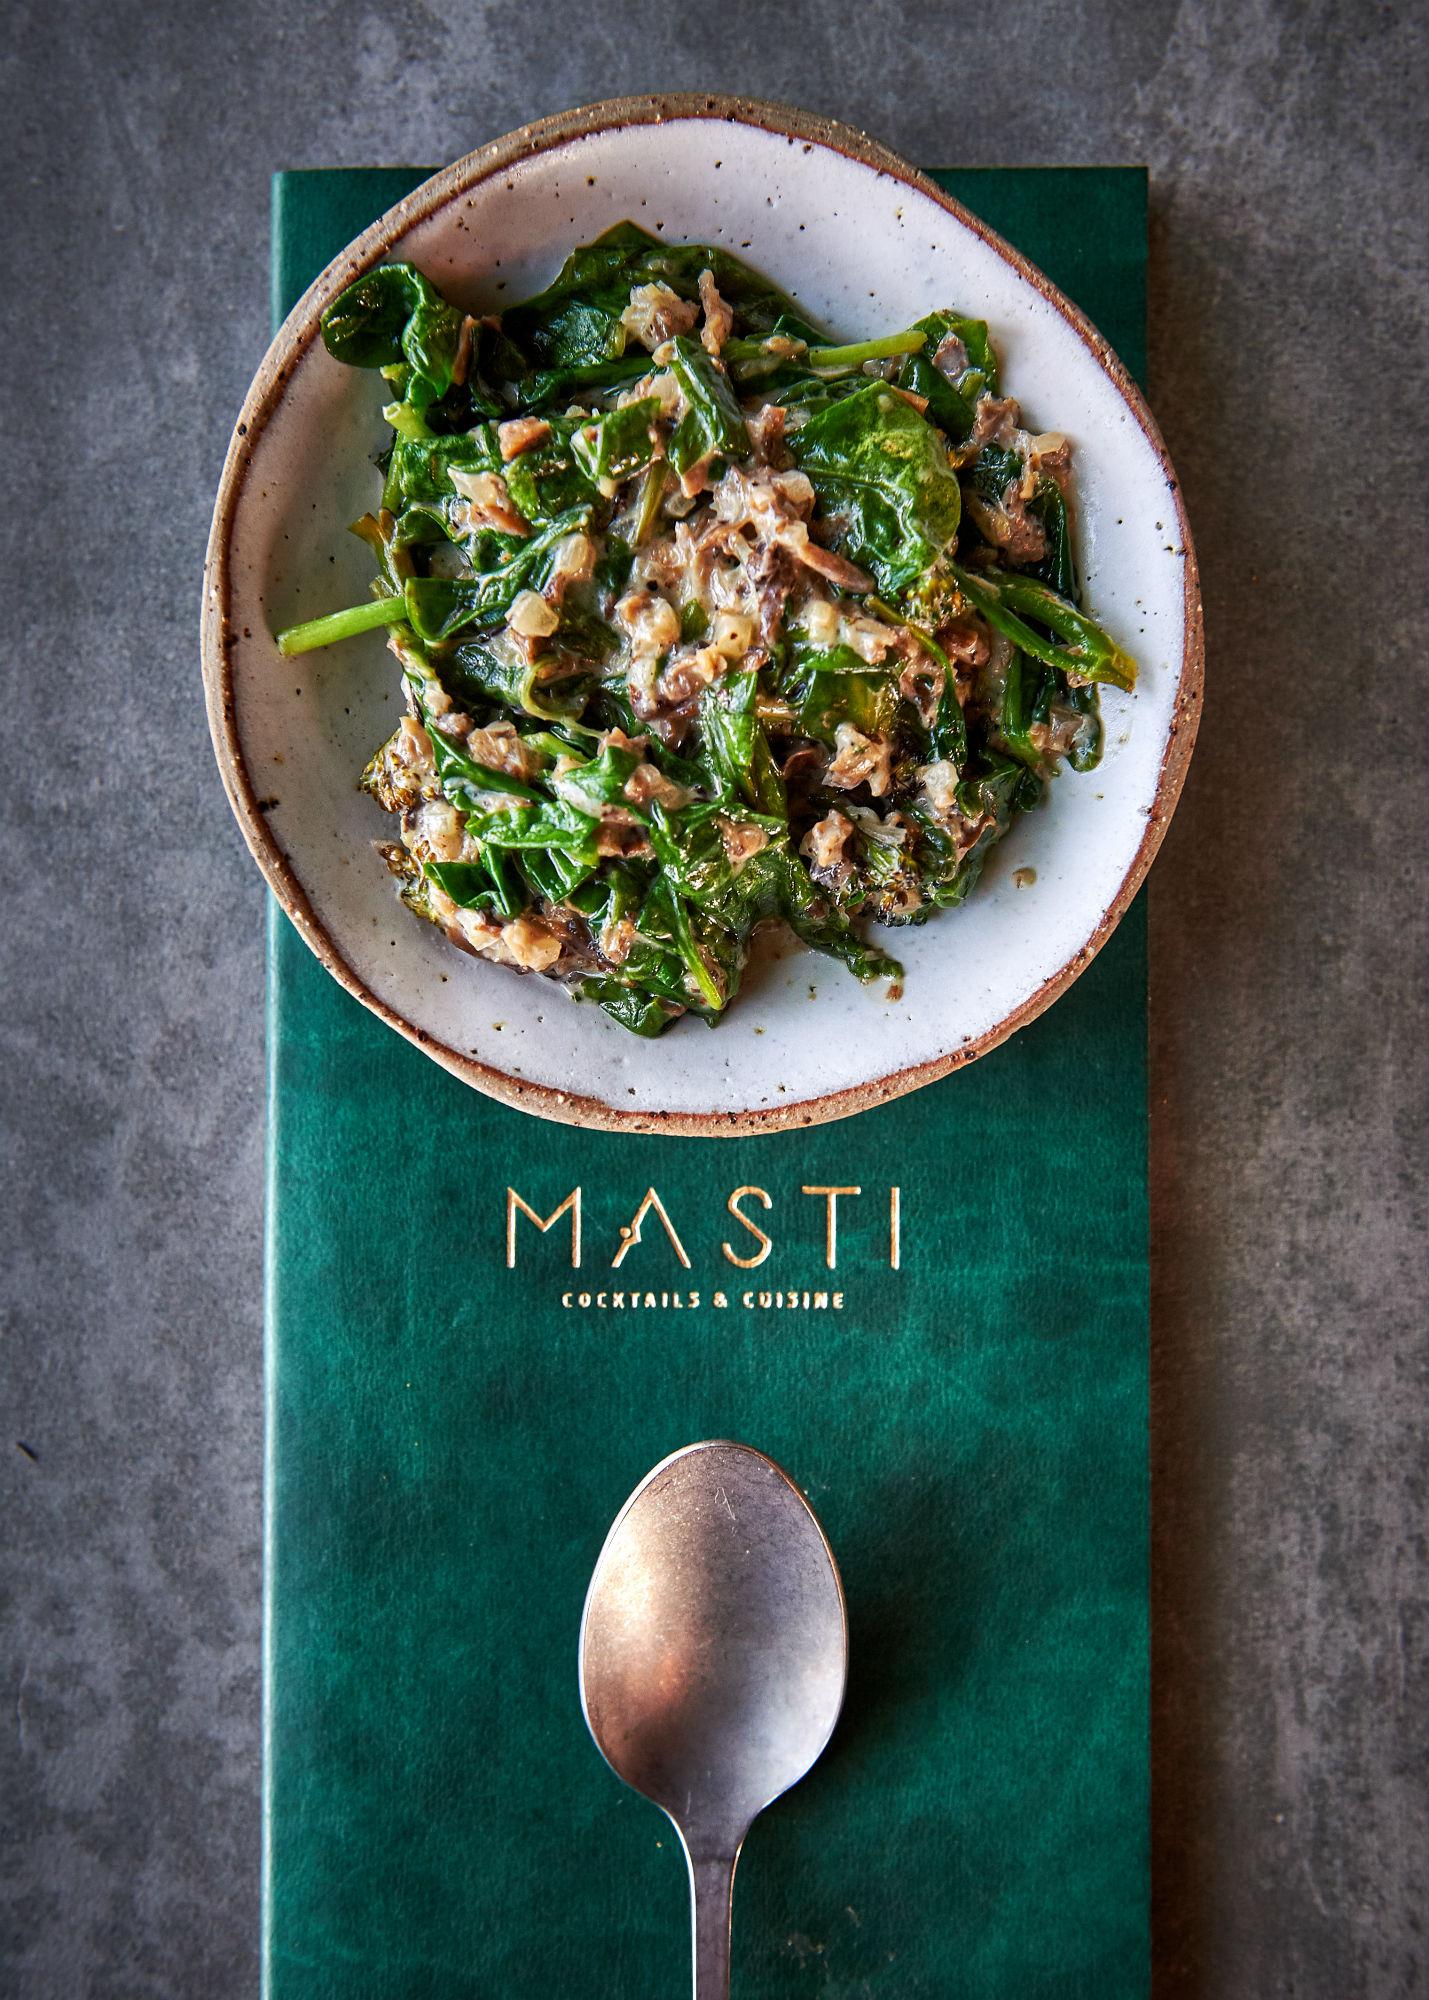 Masti is an eatery in Dubai